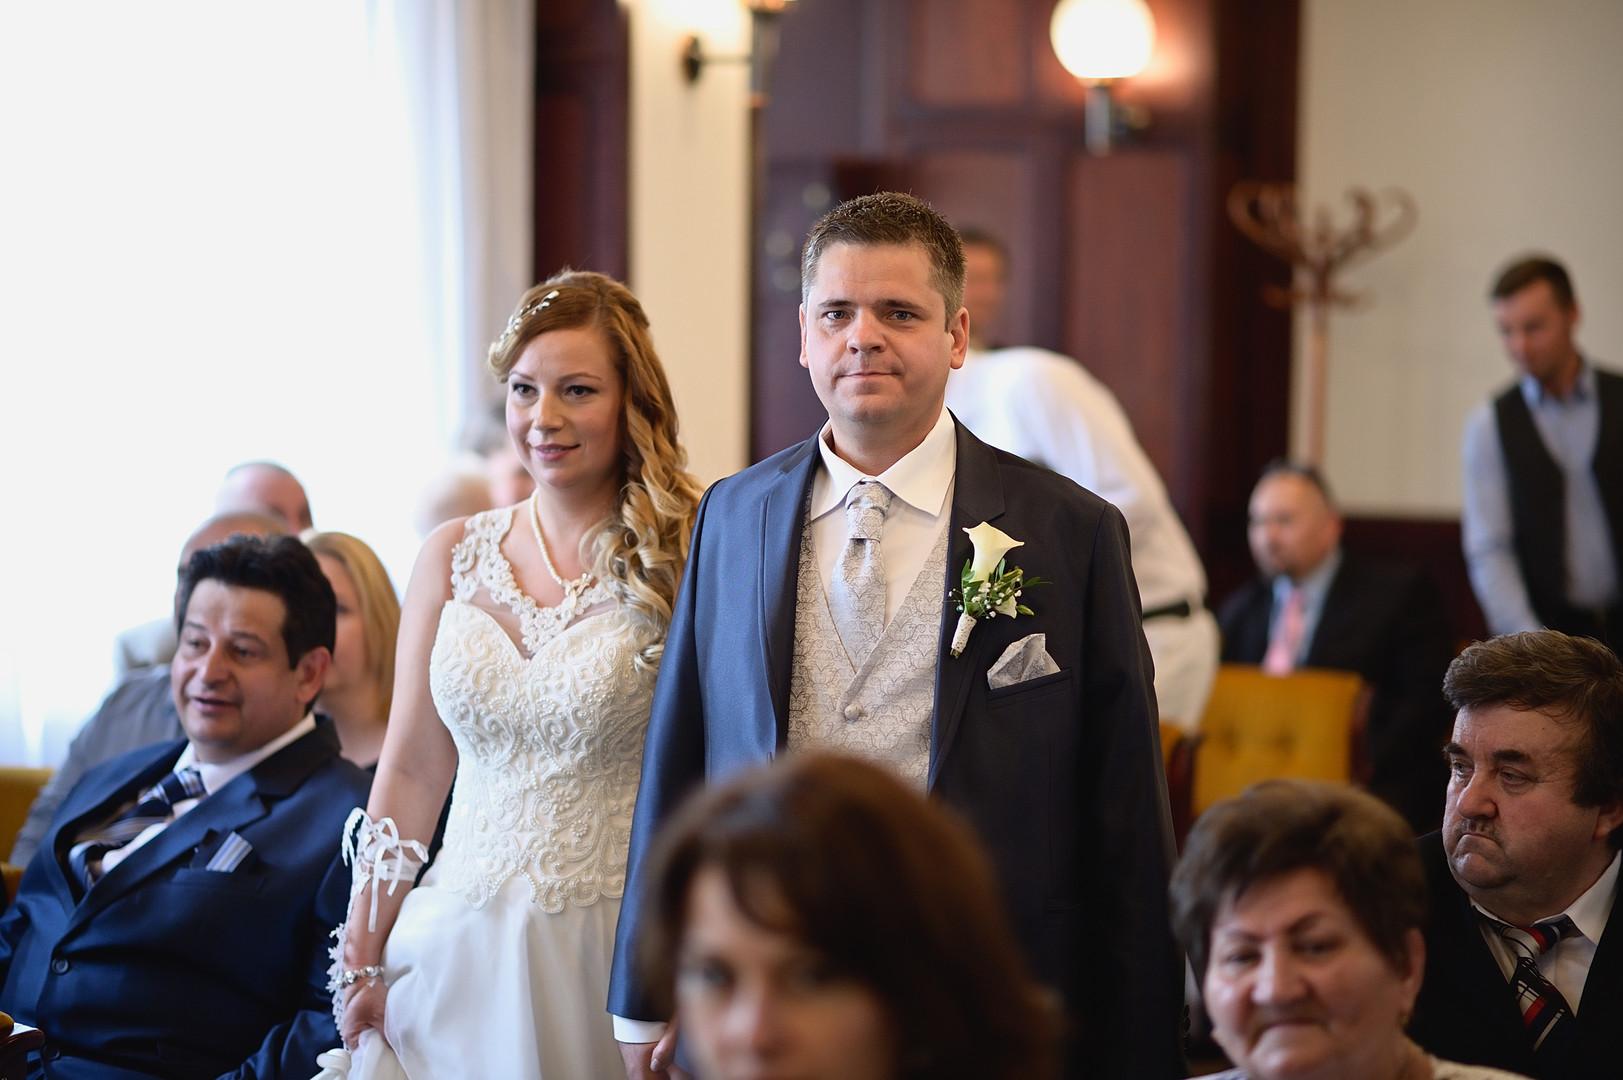 033 Esküvői fotózás - Enikő és Peti.jpg